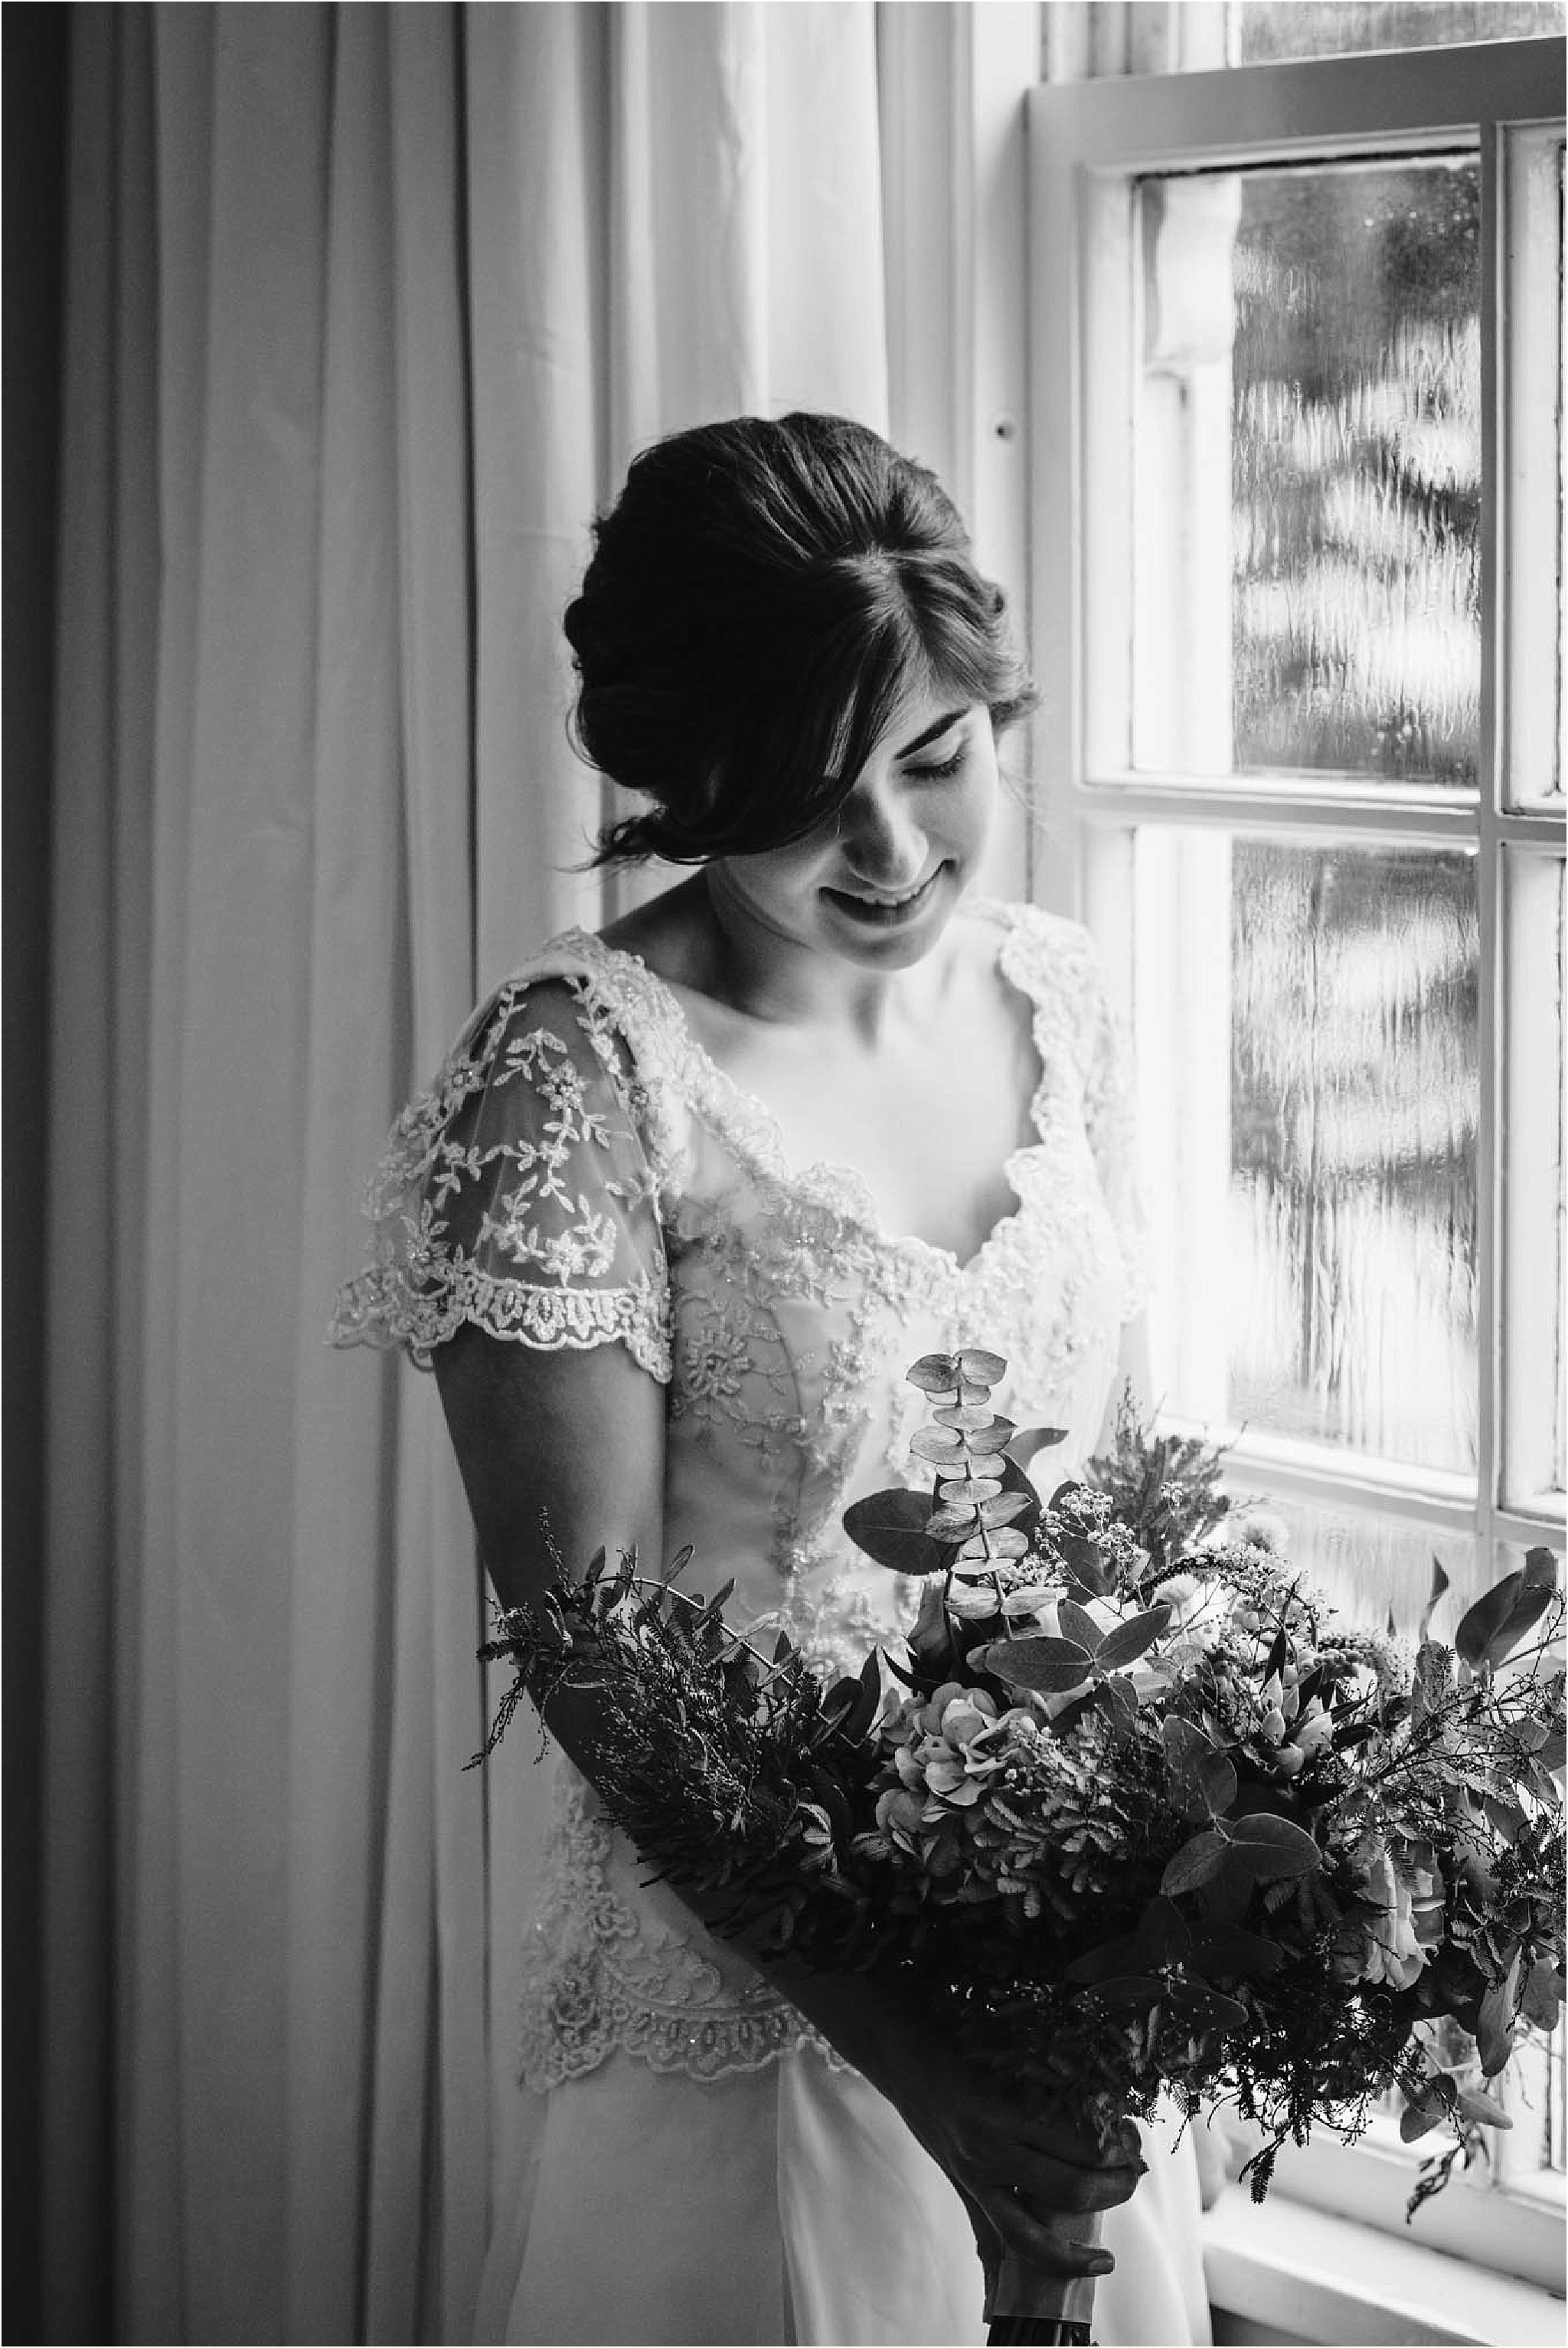 Auckland-Wedding-Photographer-Vanessa-Julian-Officers-Mess-Married_0019.jpg